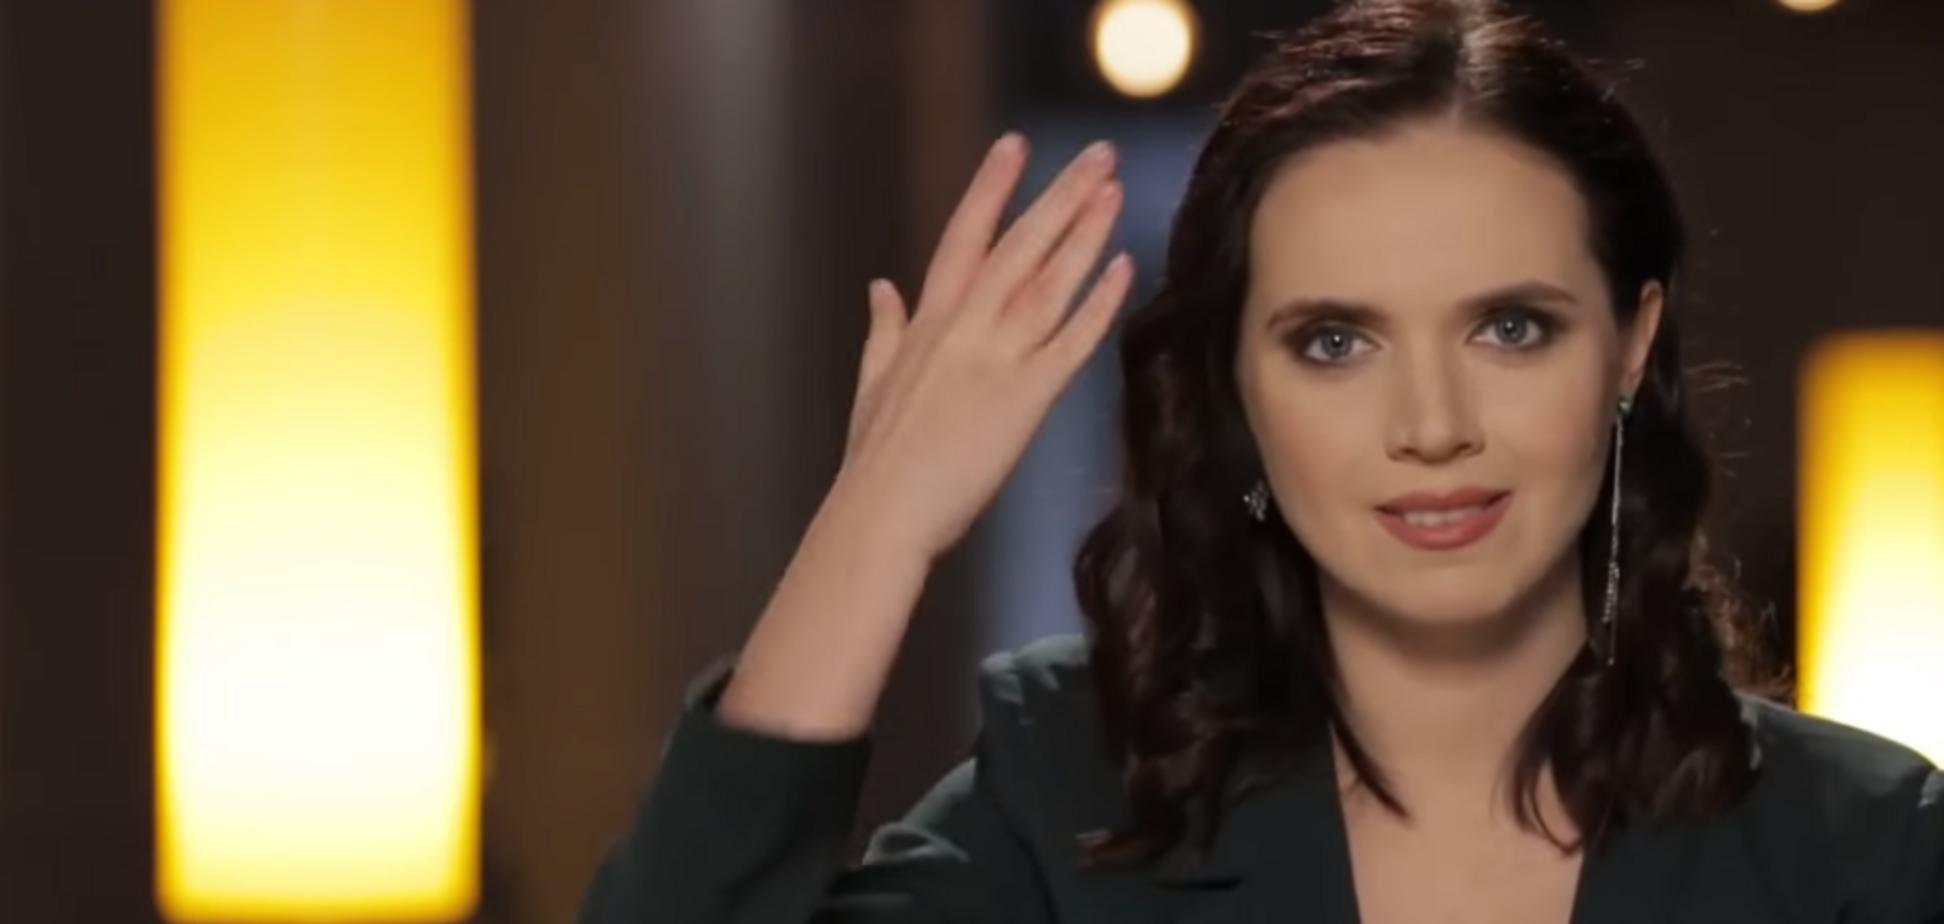 'Нах.. был этот цирк?' Янина Соколова ярко поставила россиян на место из-за Крыма